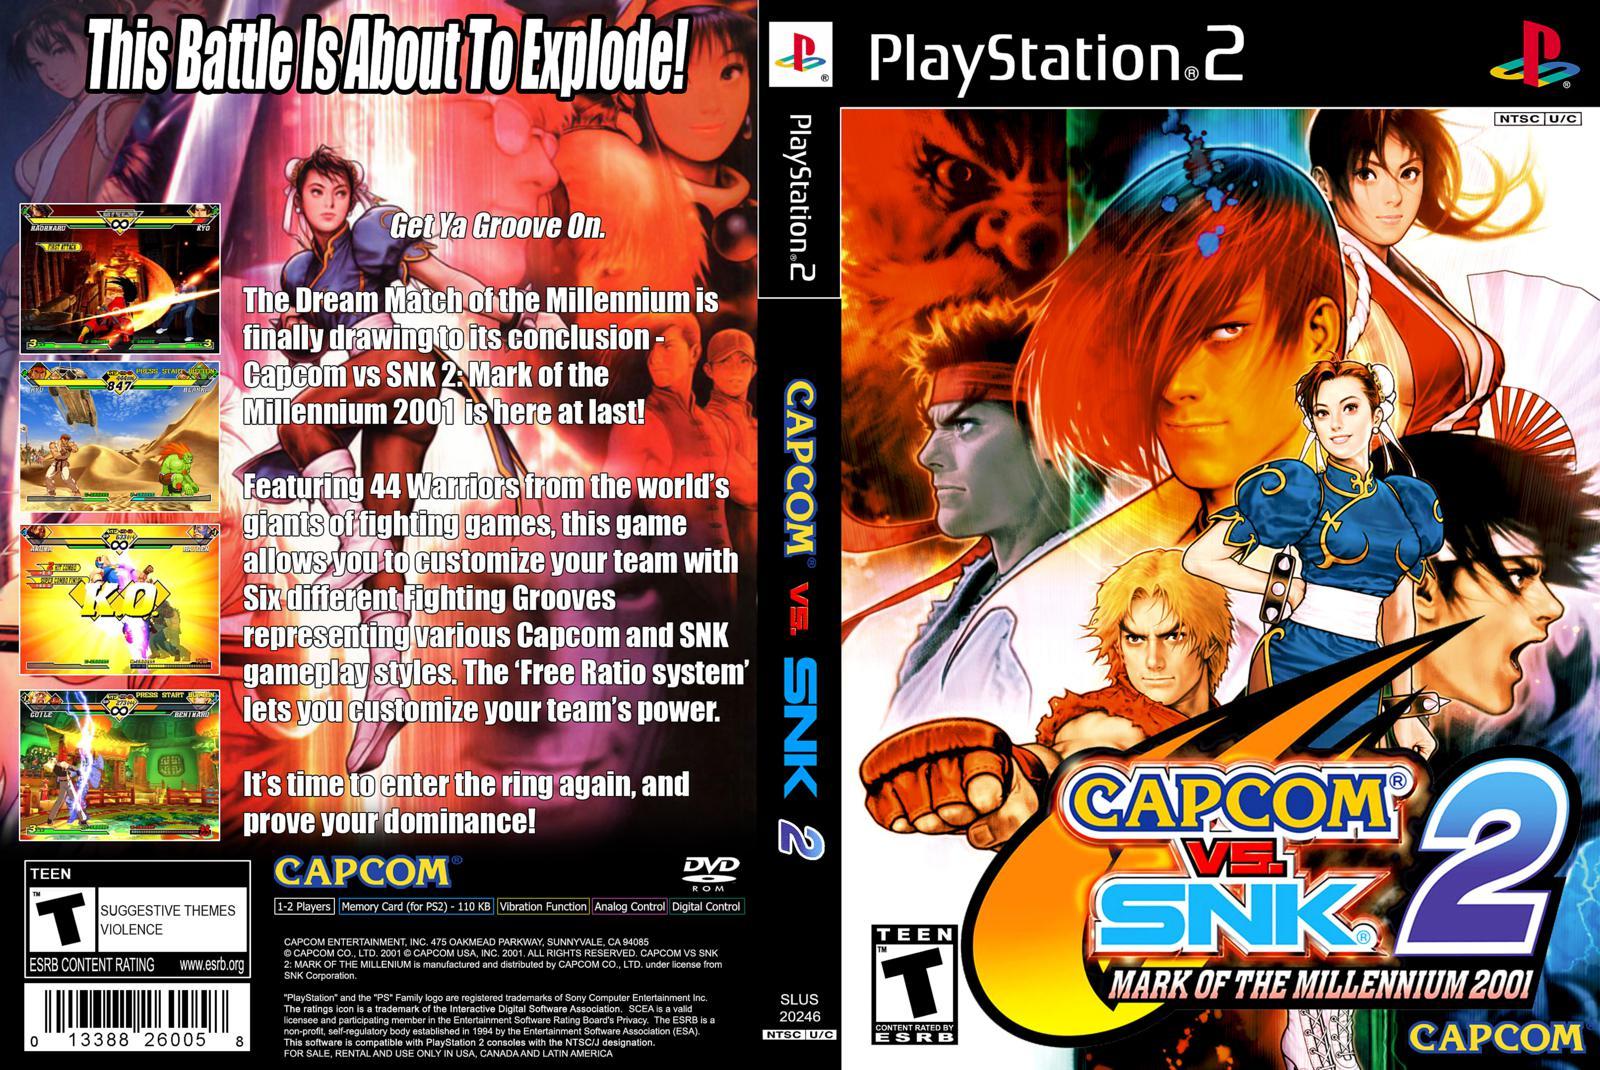 CAPCOM SNK PARA VS PSP BAIXAR